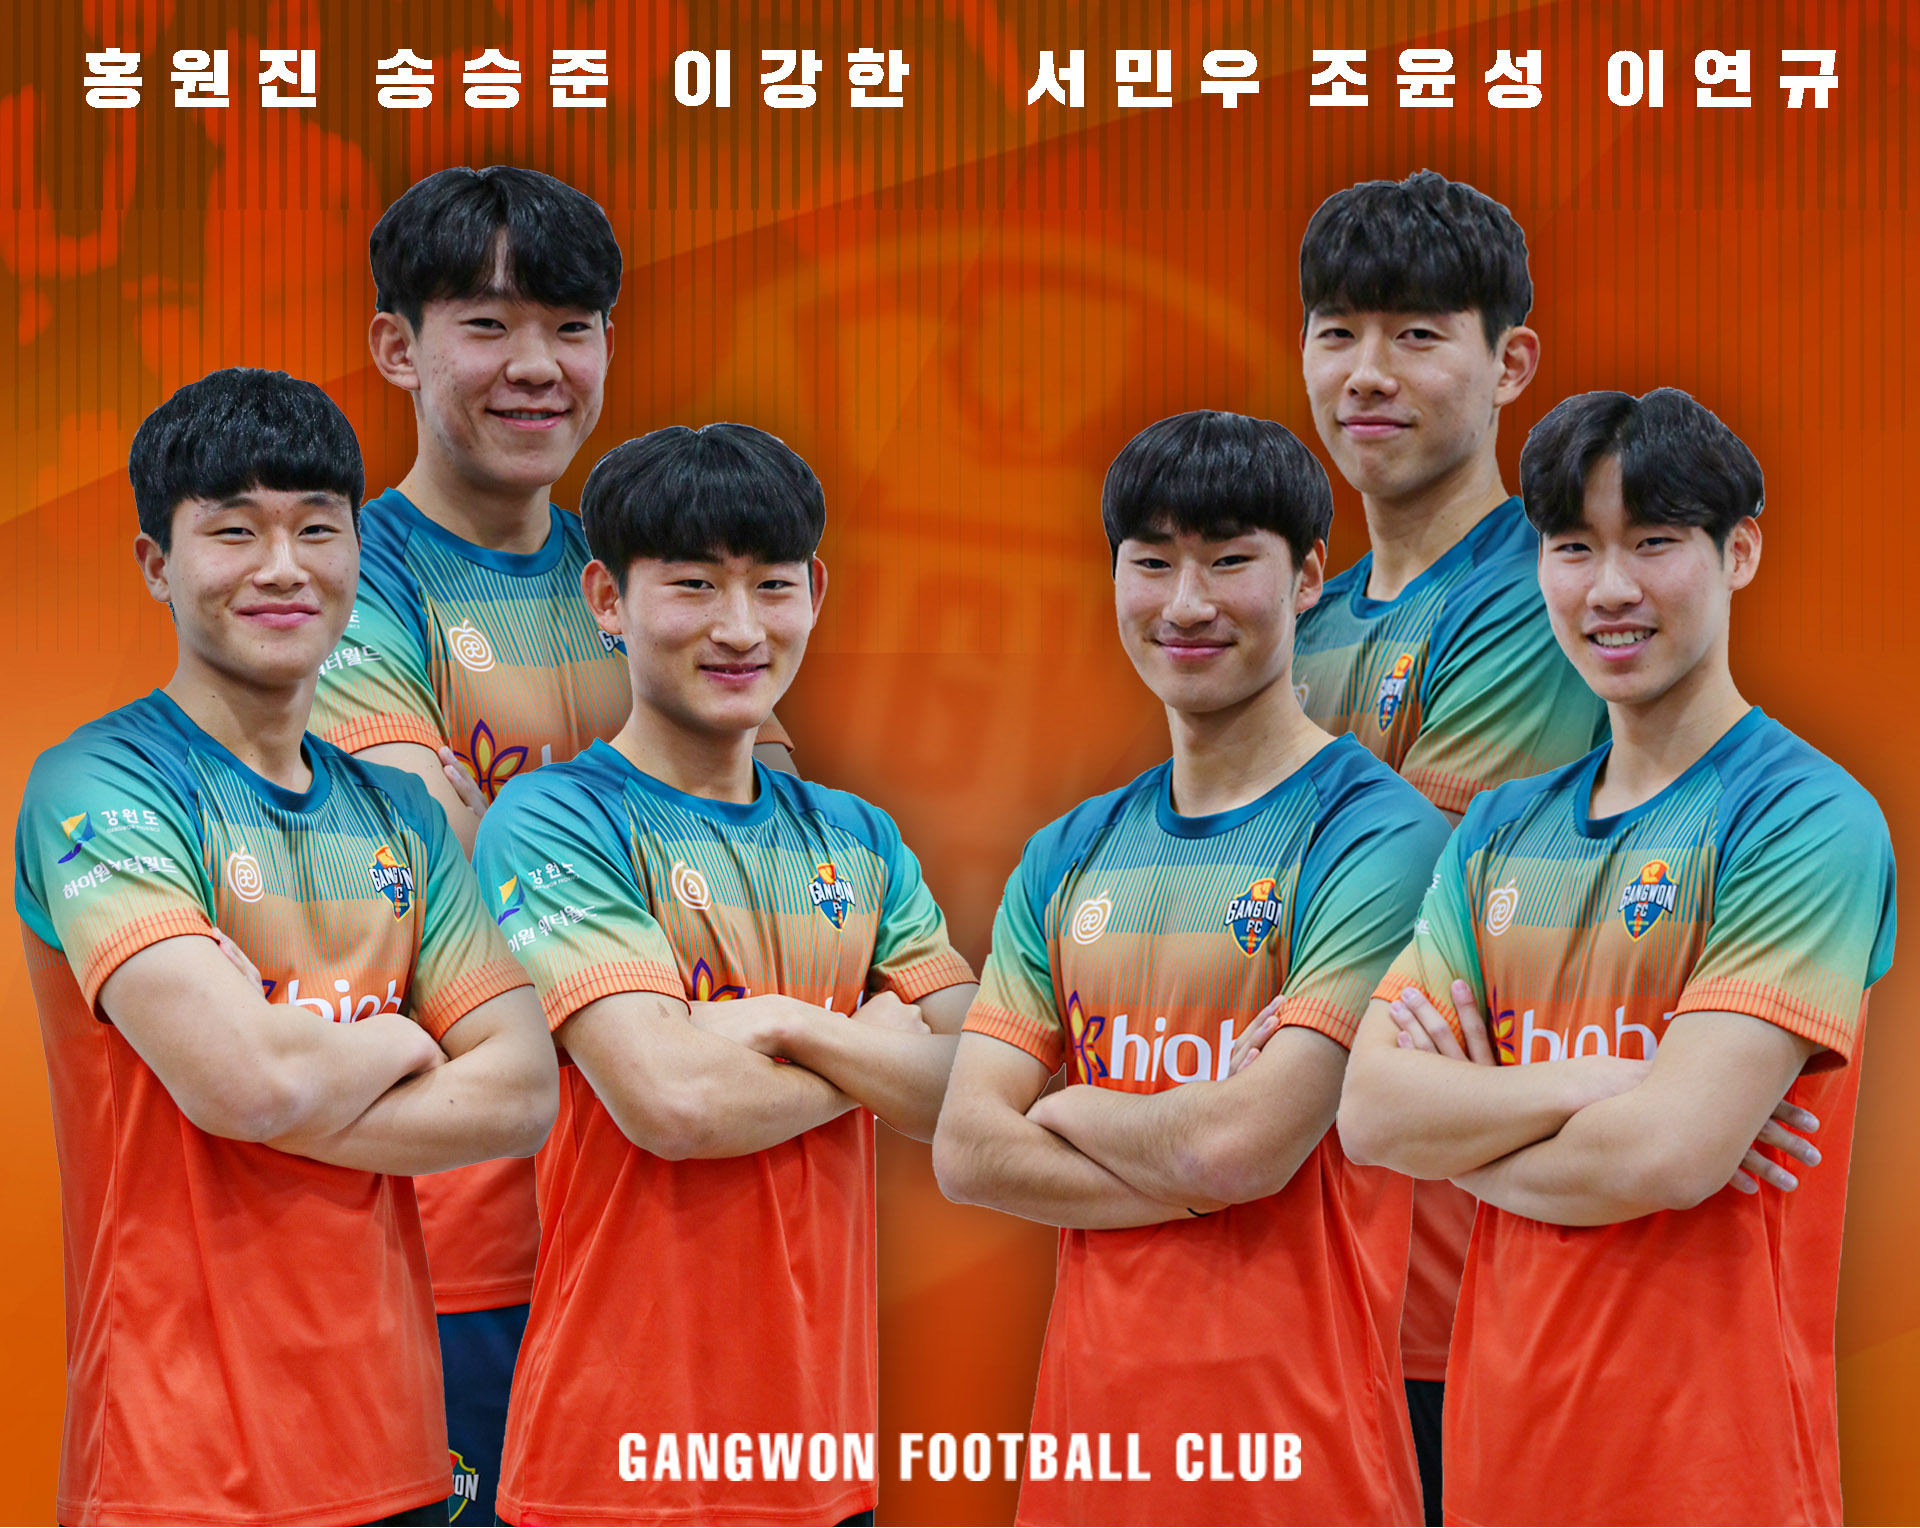 강원FC, 2020시즌 신인 6명 영입 '영건 활약 기대'